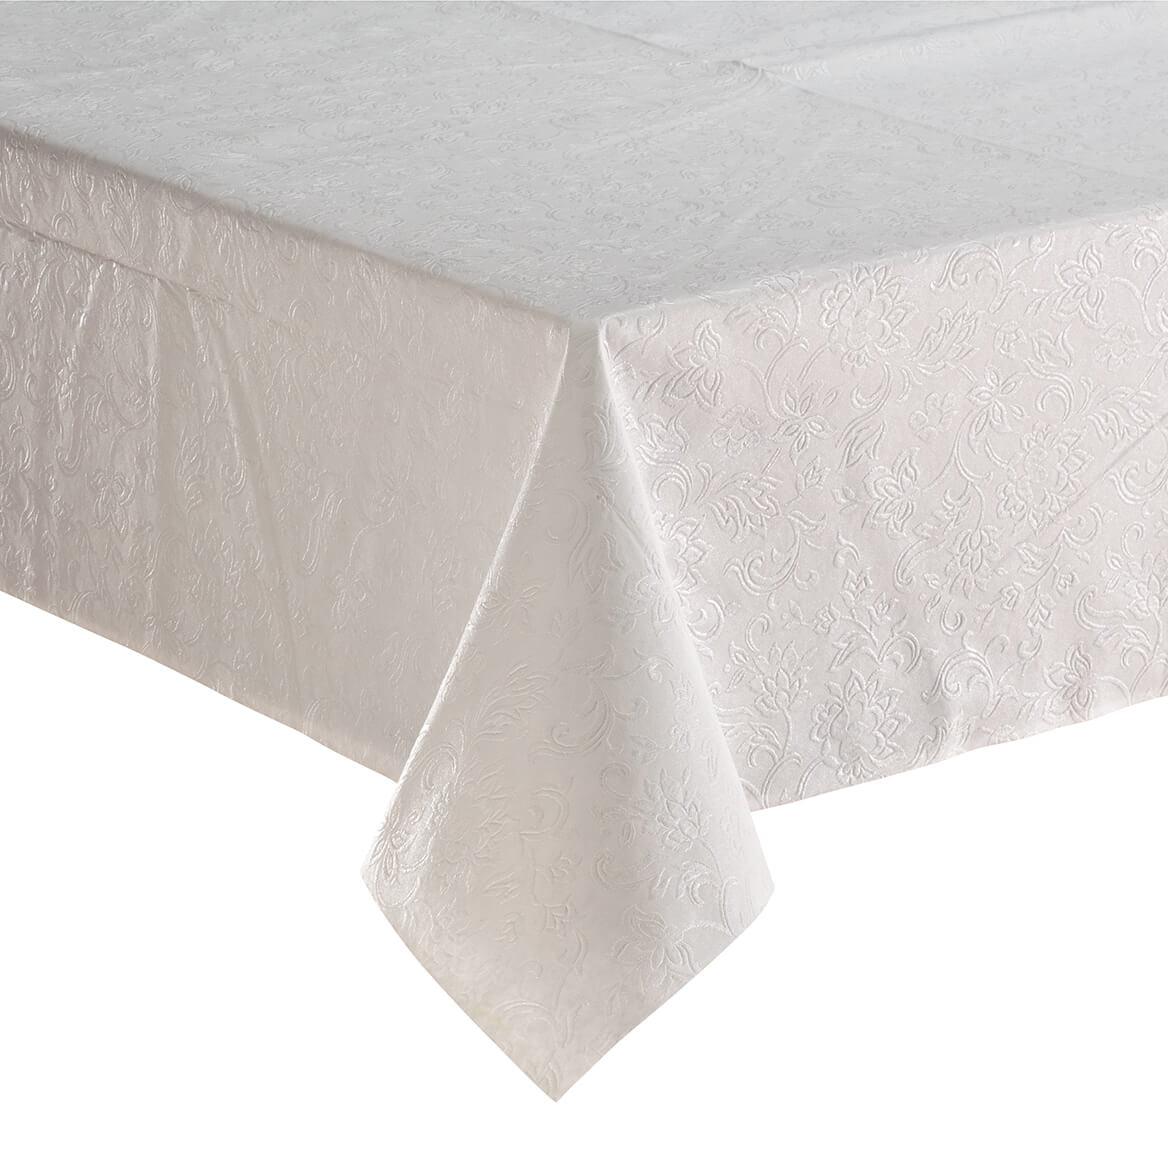 Table Protector Pad 60 X 120 Oblong Walmart Com Walmart Com